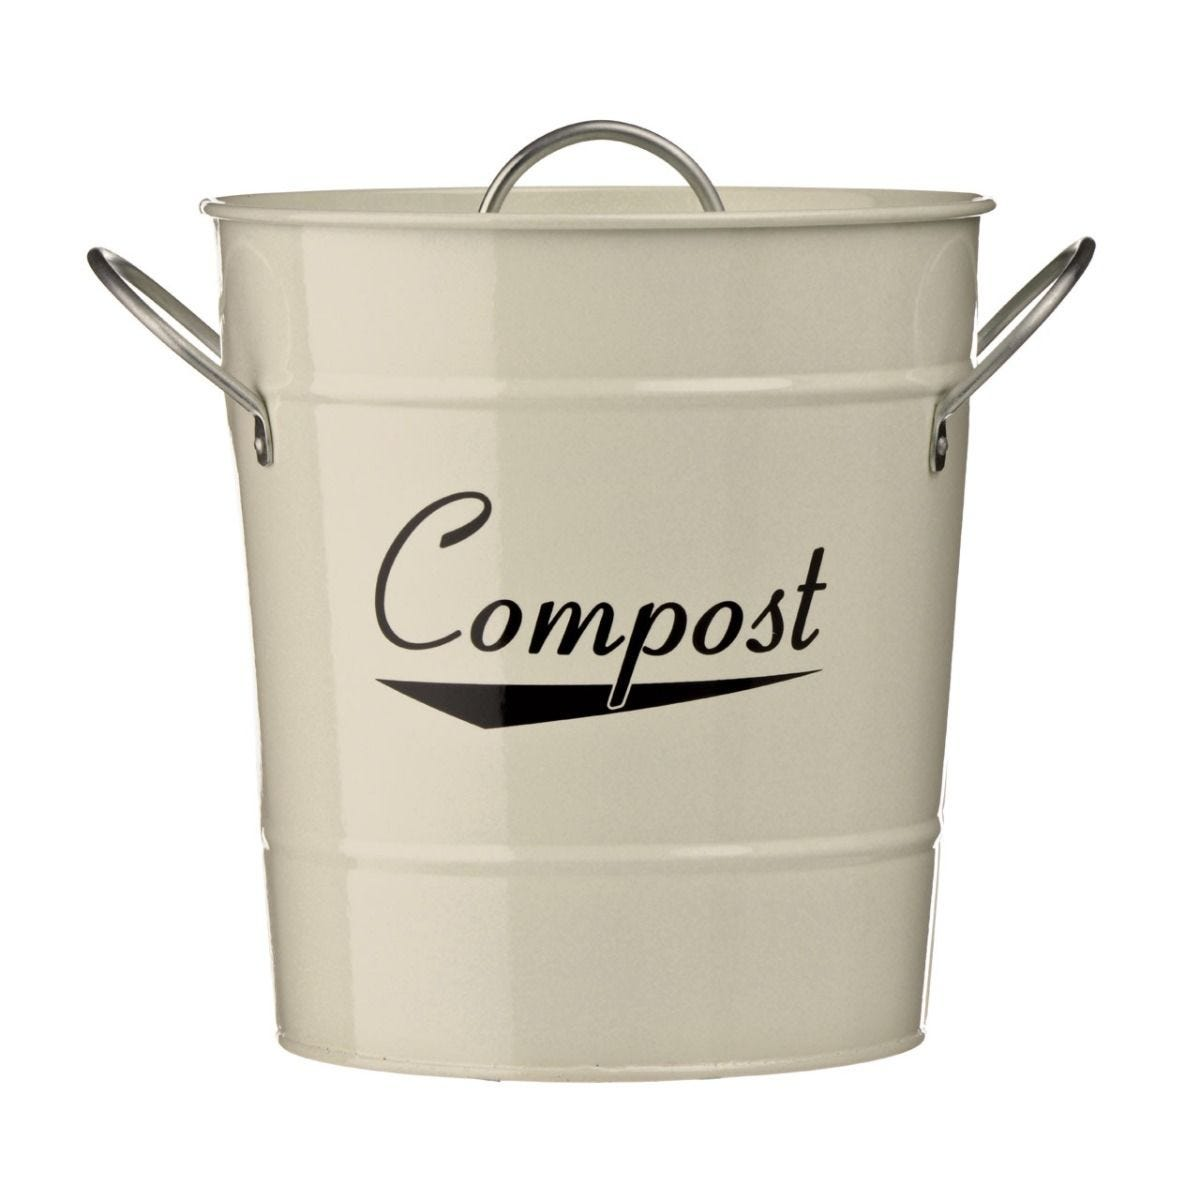 Premier Housewares Compost Bin With Plastic Inner Bucket - Cream